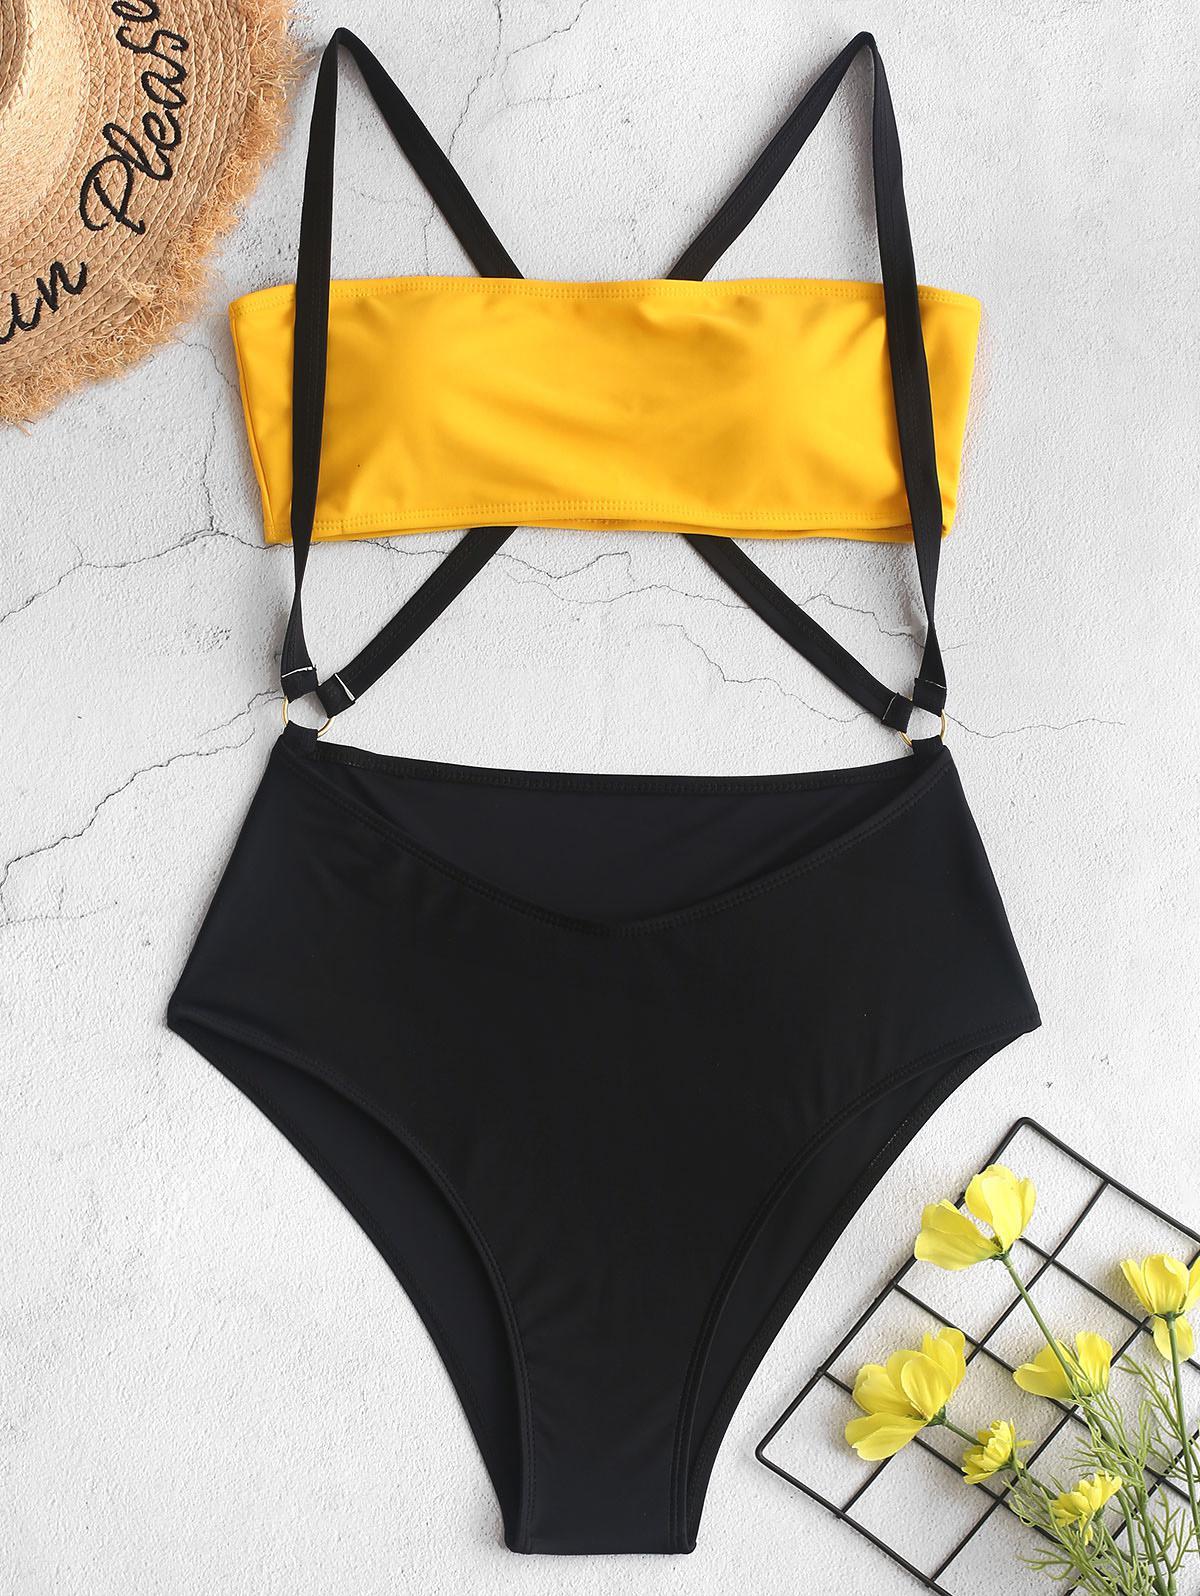 ZAFUL Two Tone Cross High Cut Suspender Bikini Swimsuit, Yellow